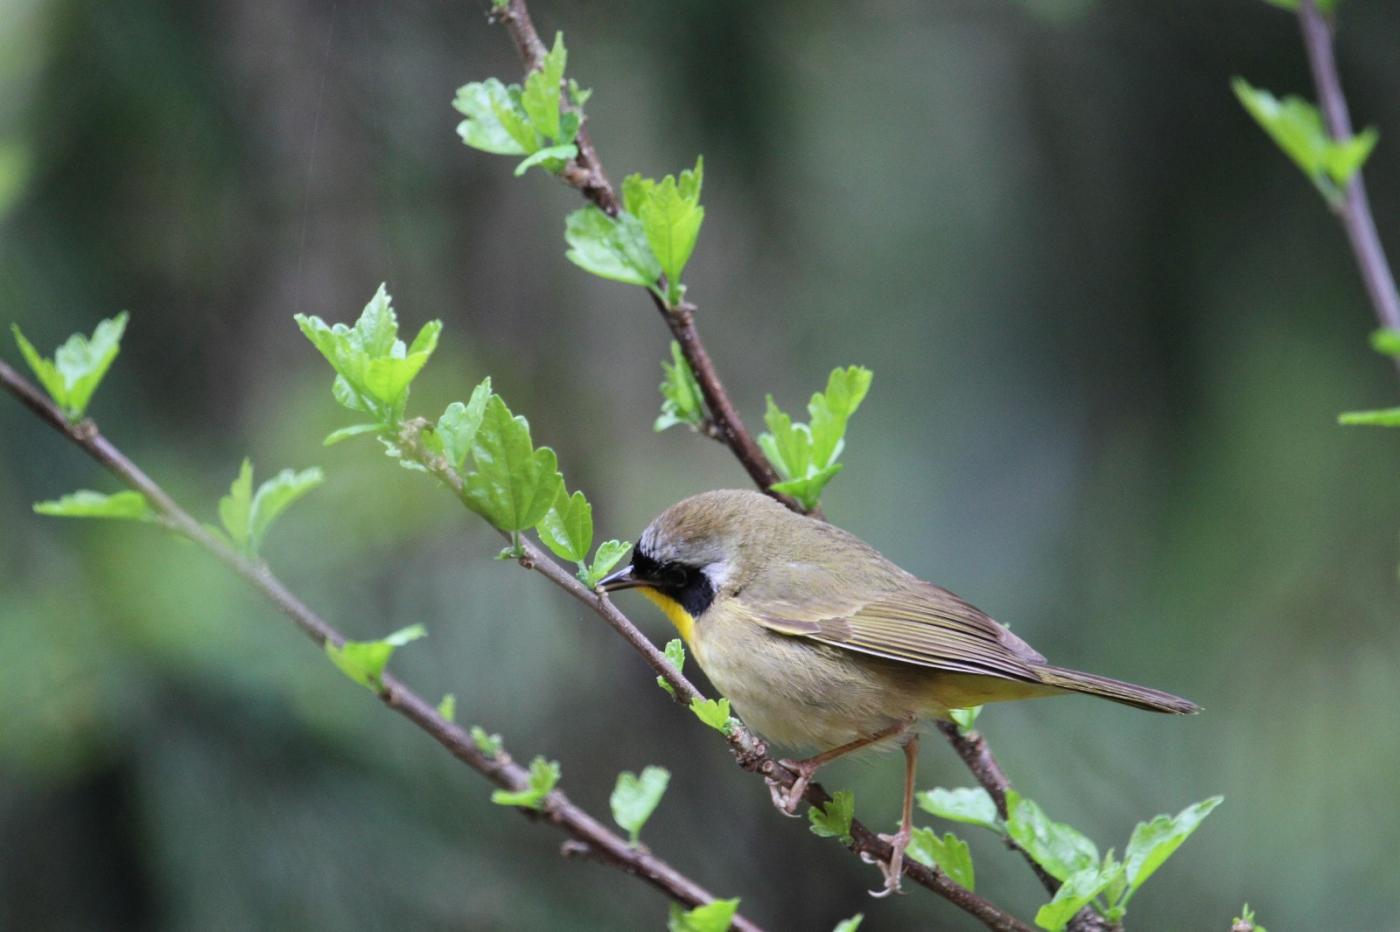 【田螺摄影】雨后窗外的小黄鸟_图1-6